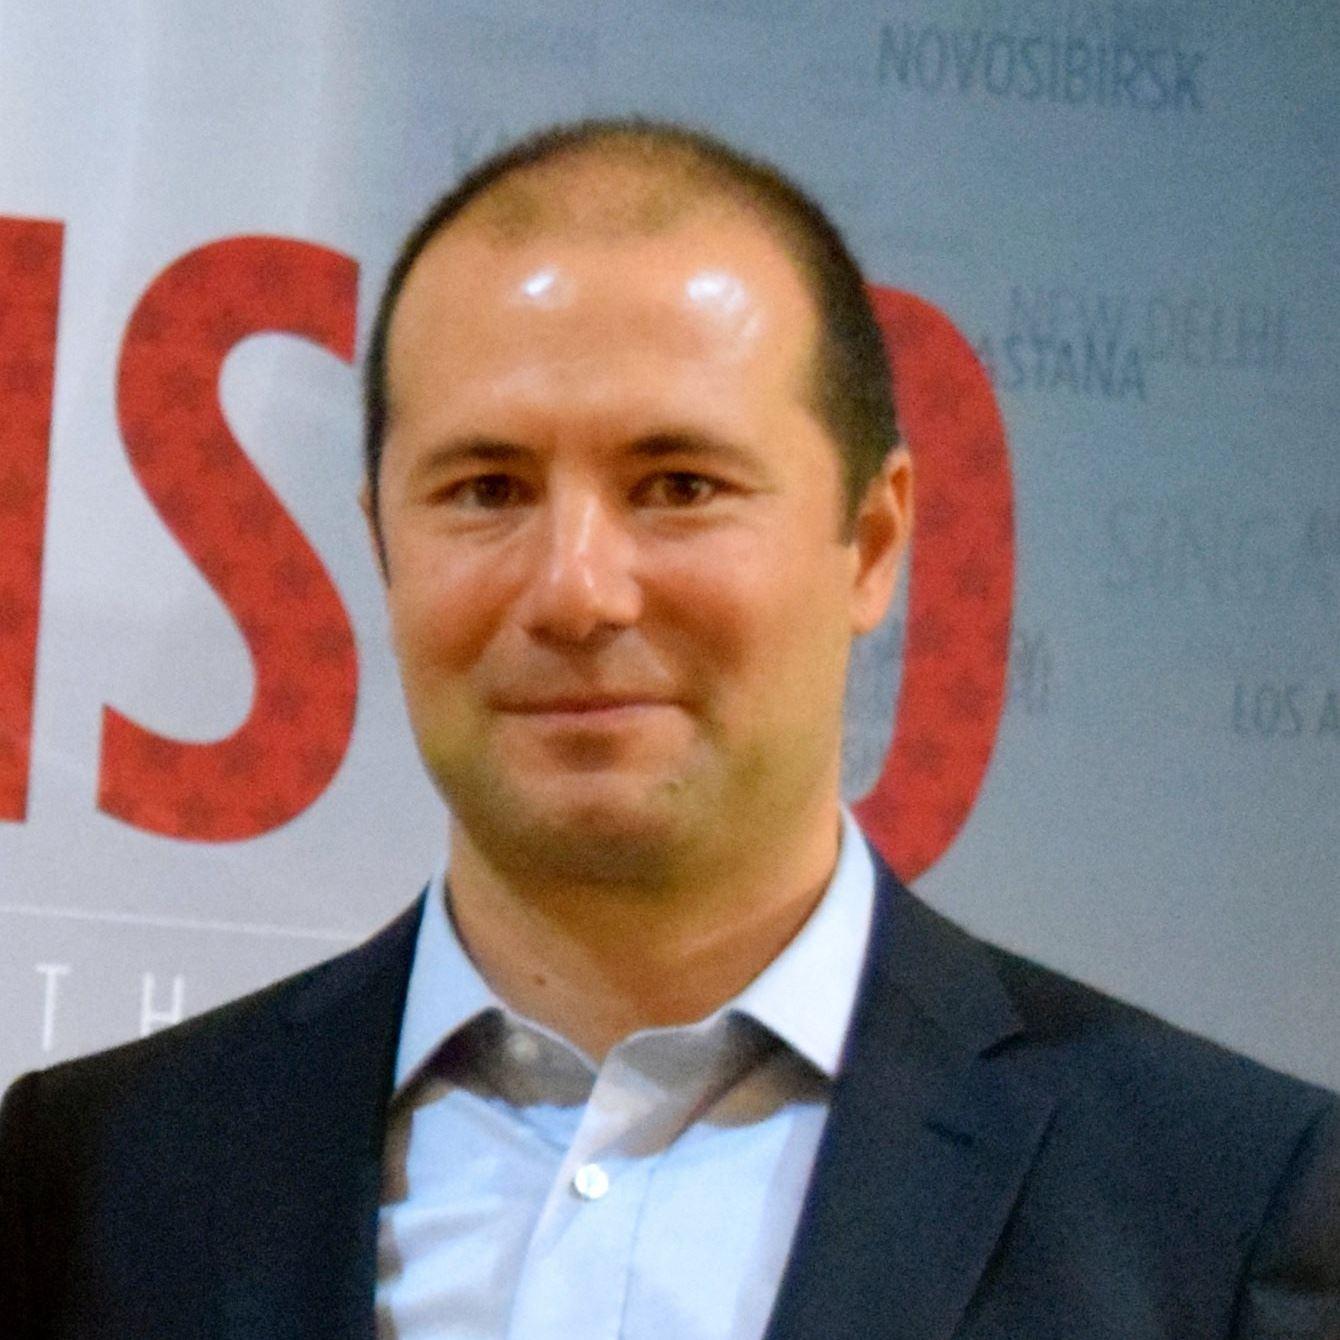 Selim Akkoc